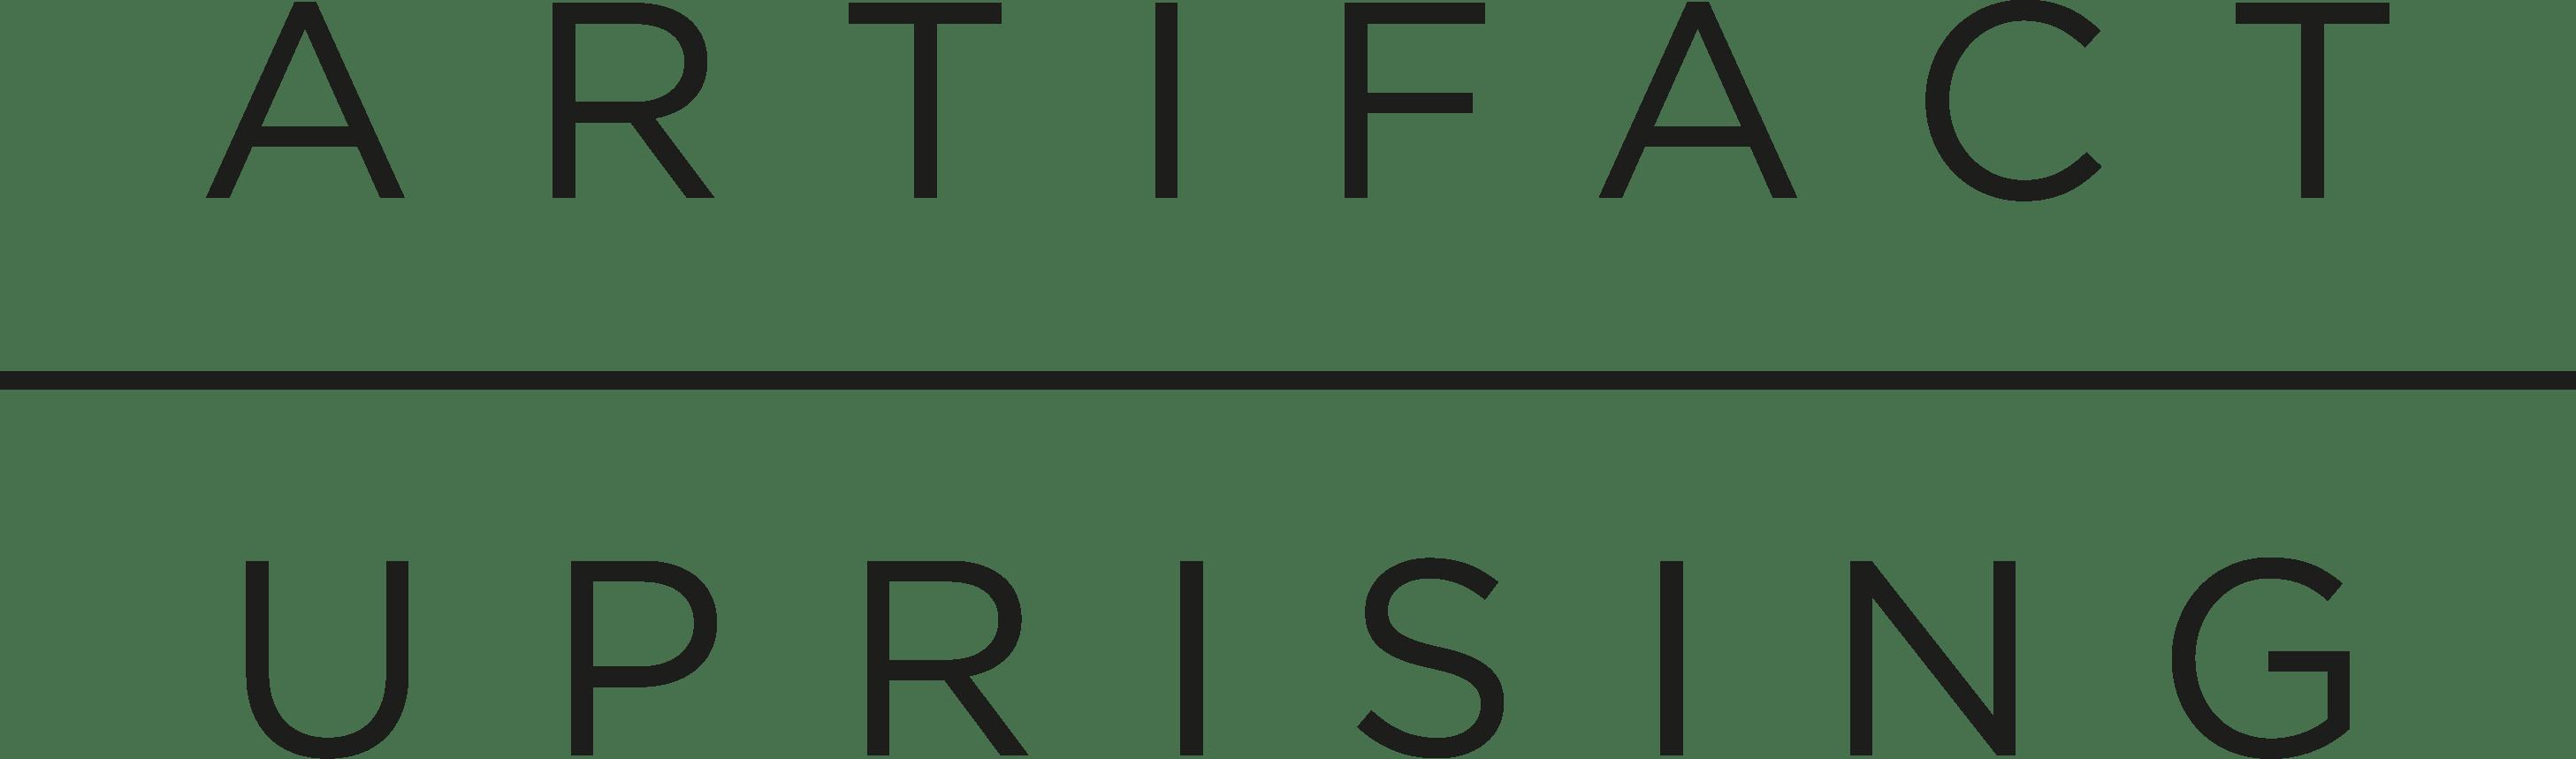 eCommerce SEO Case Study - Artifact Uprising